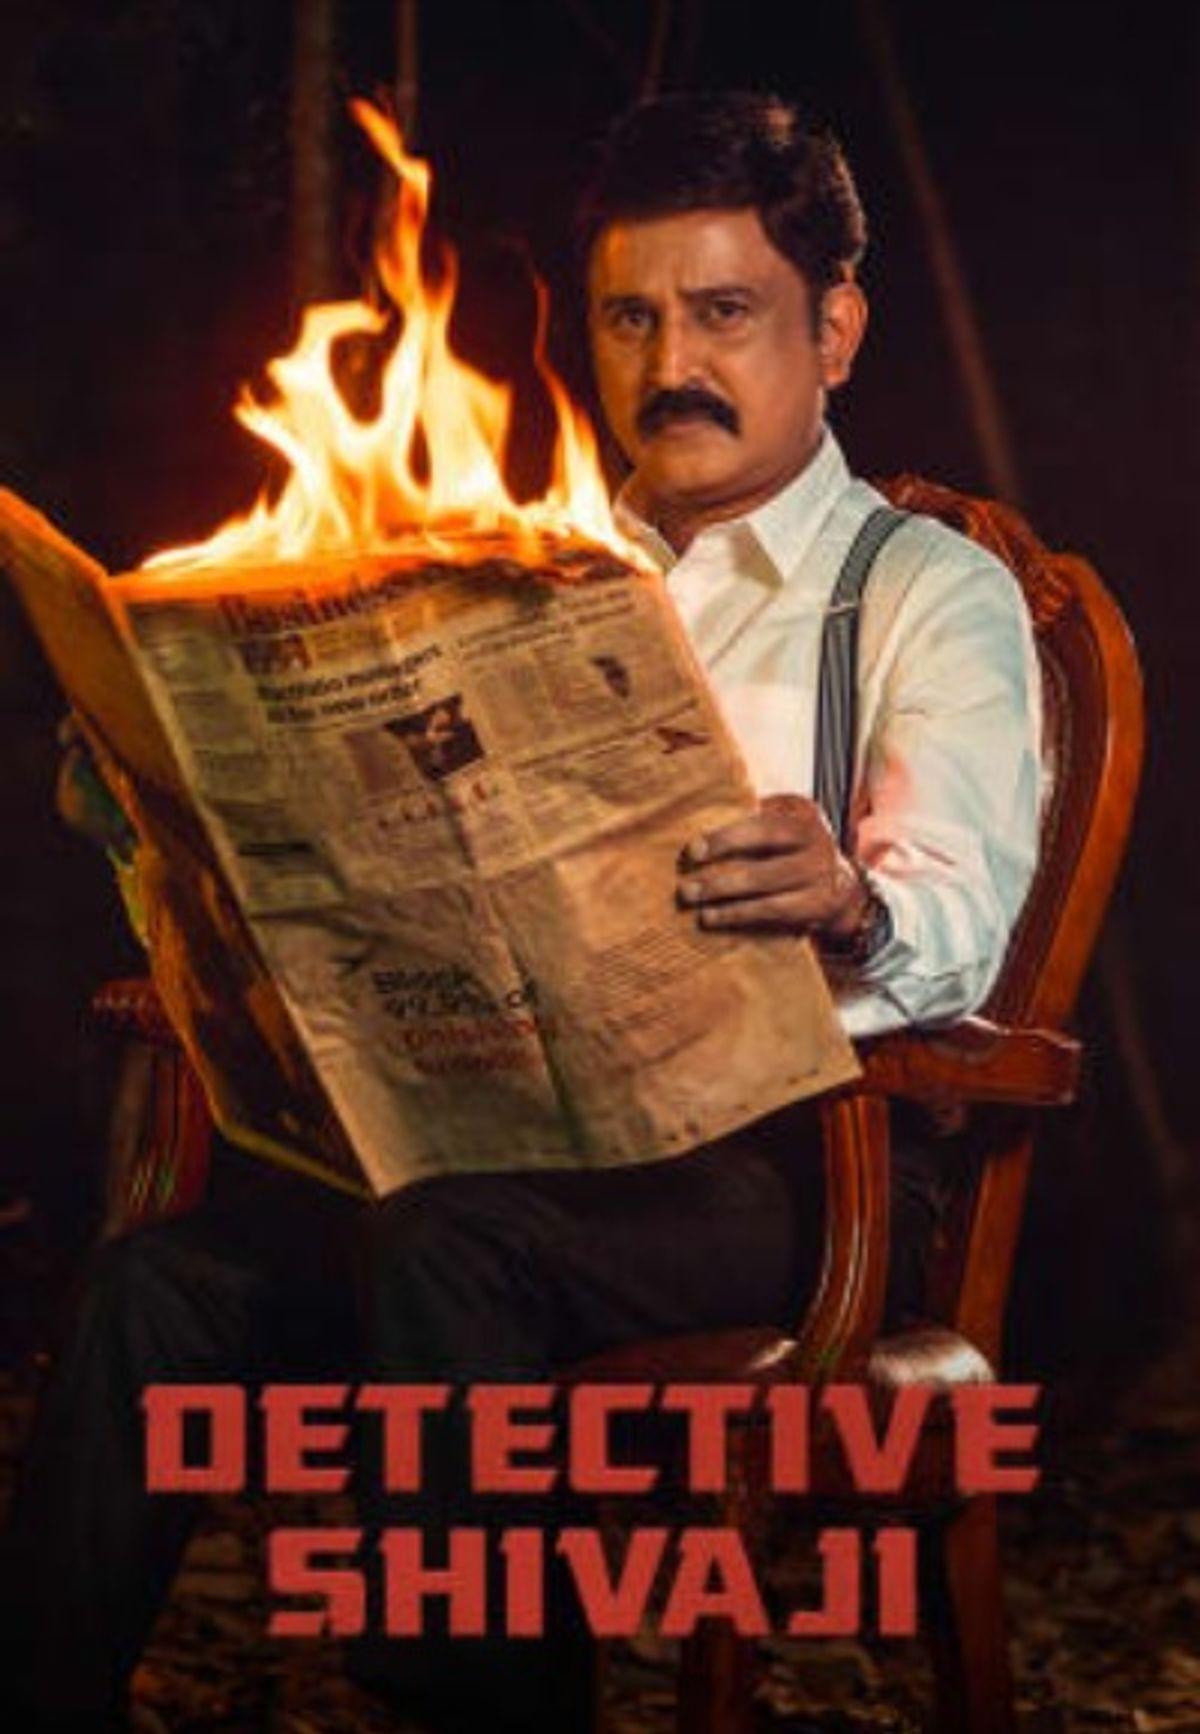 Detective Shivaji